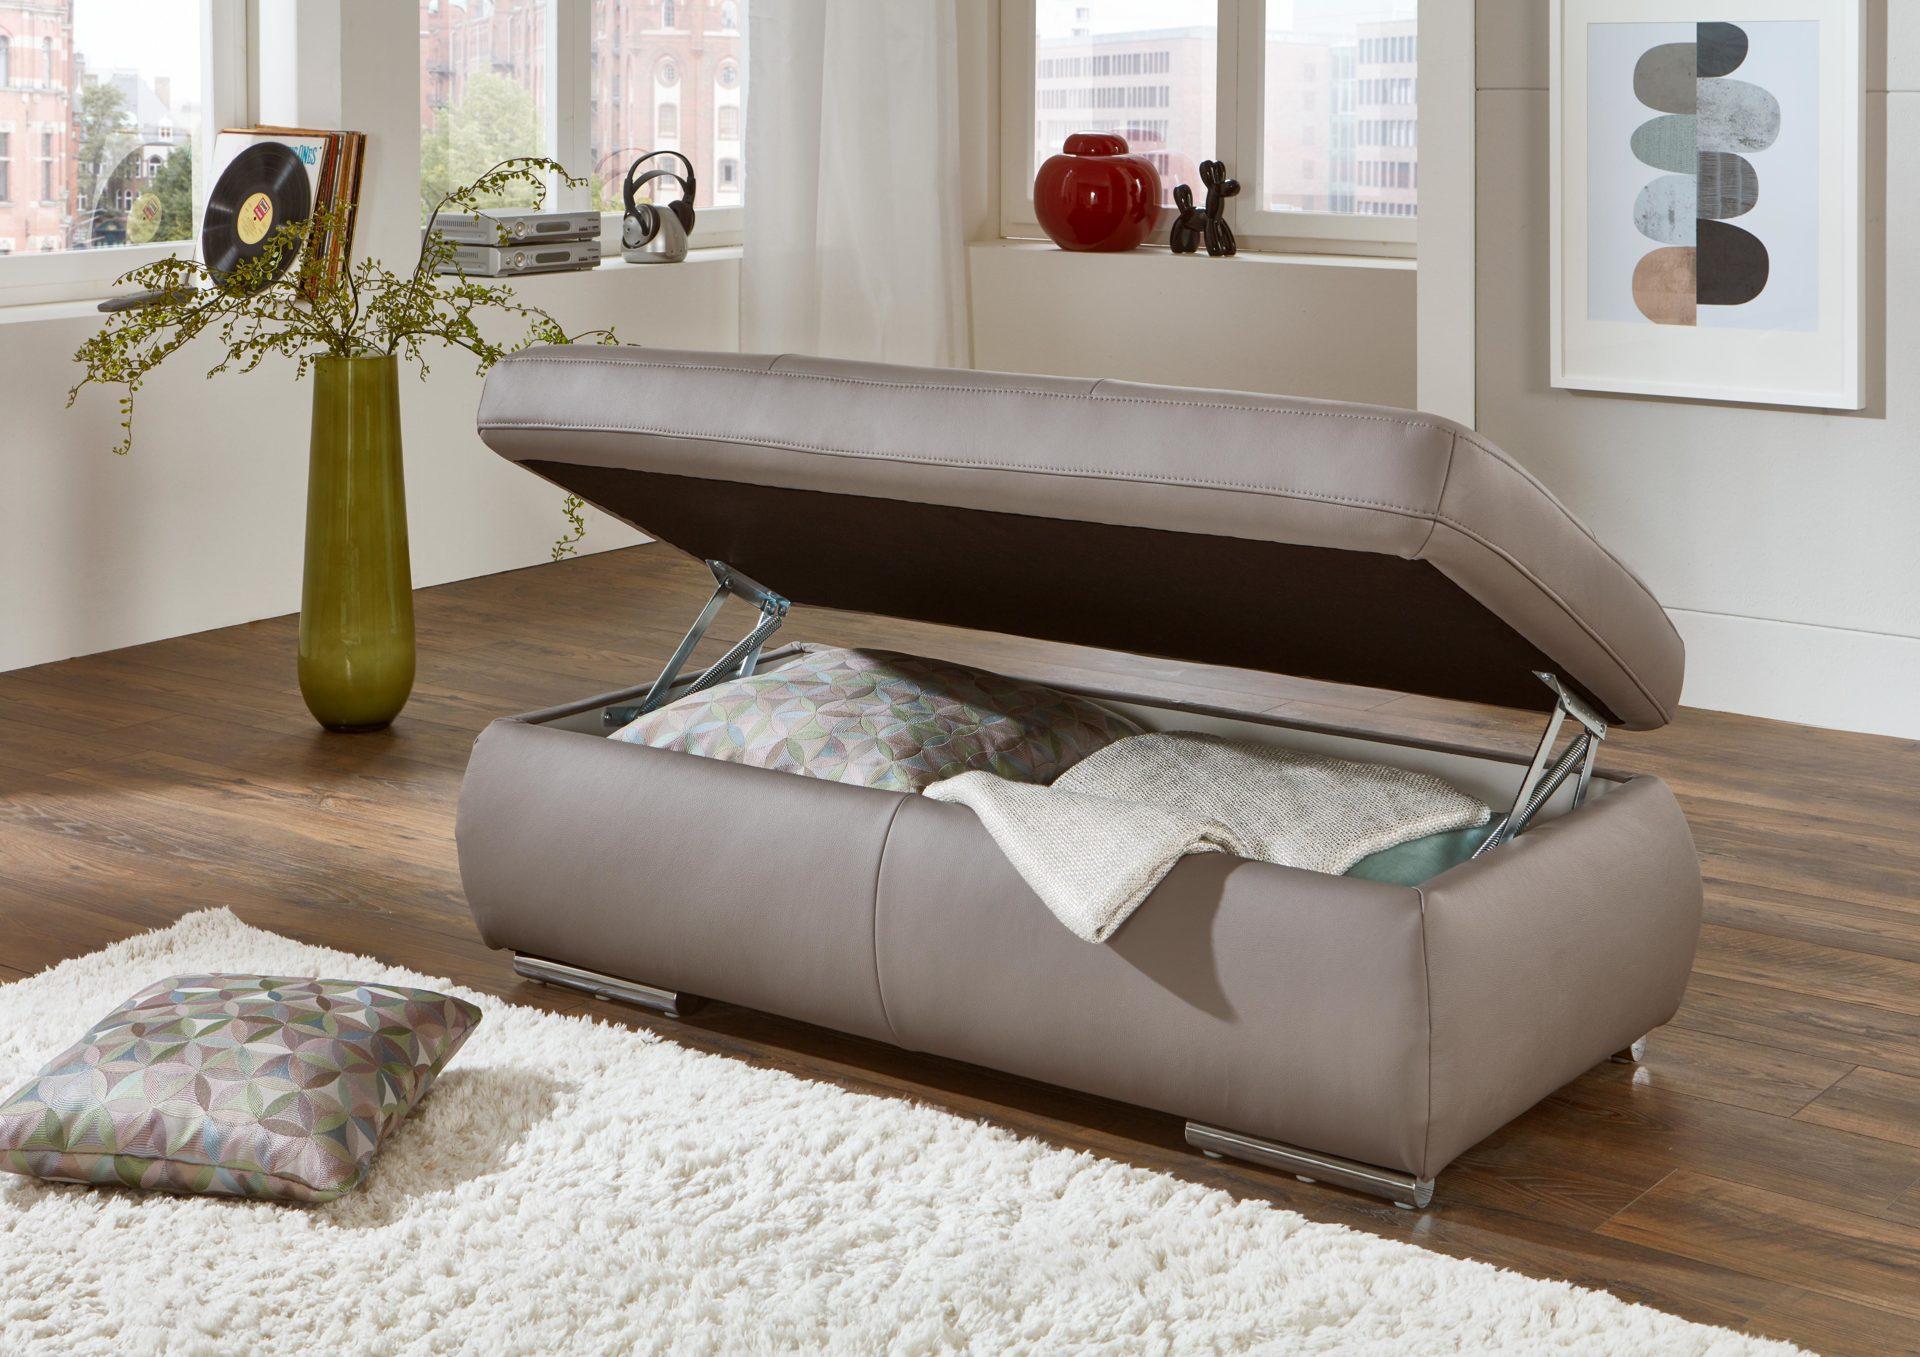 Weber Outdoor Küche Xxl : Möbel weber herxheim bei landau modulmaster xxl hocker argo l